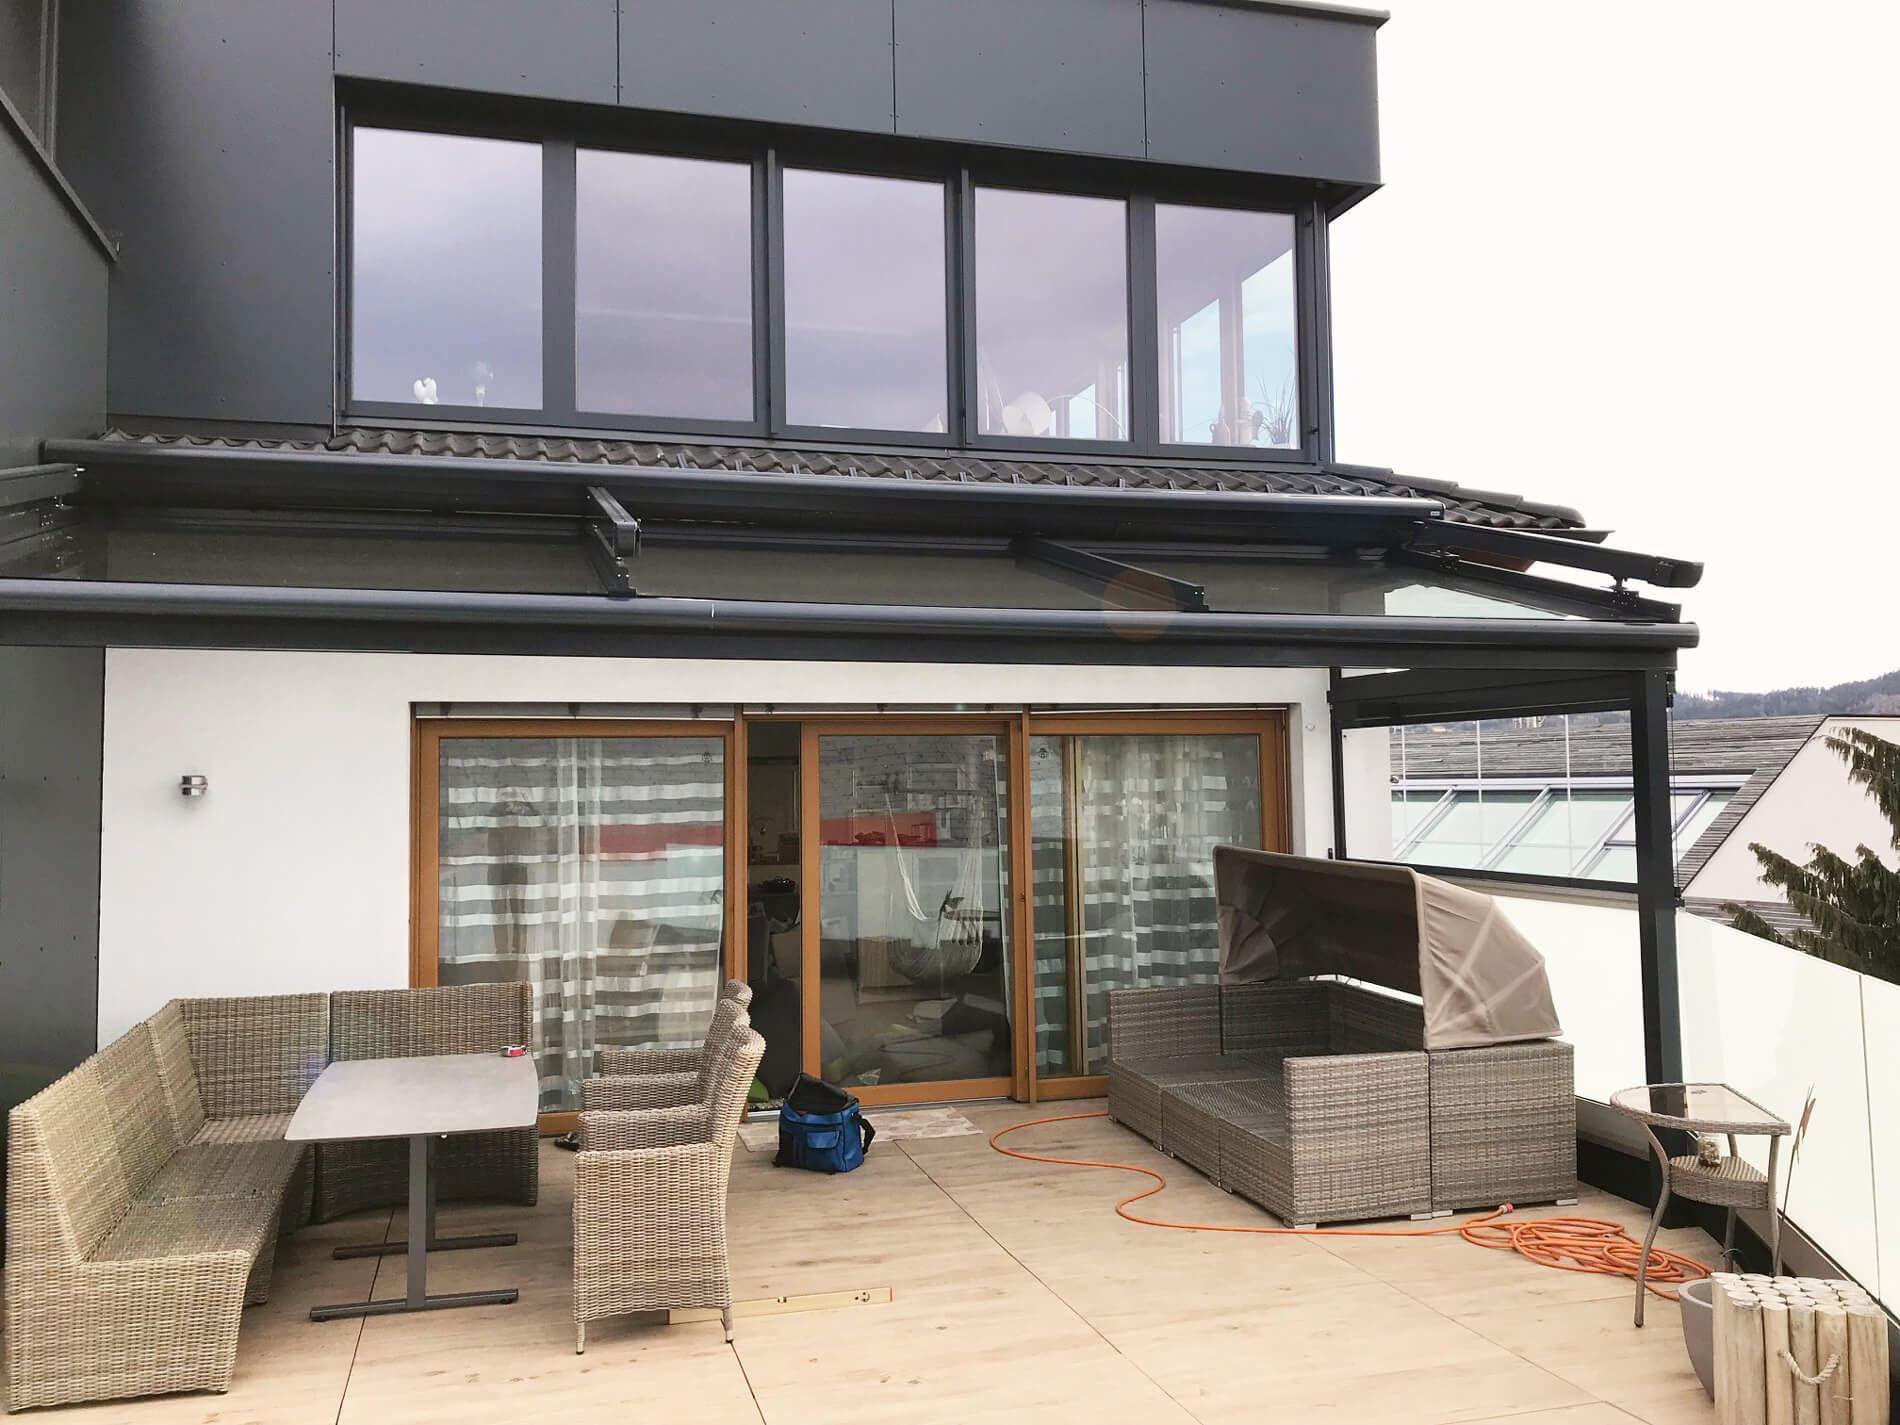 terrassendach glas aluminium, modernes terrassendach aus glas und aluminium mit beschattung, Design ideen